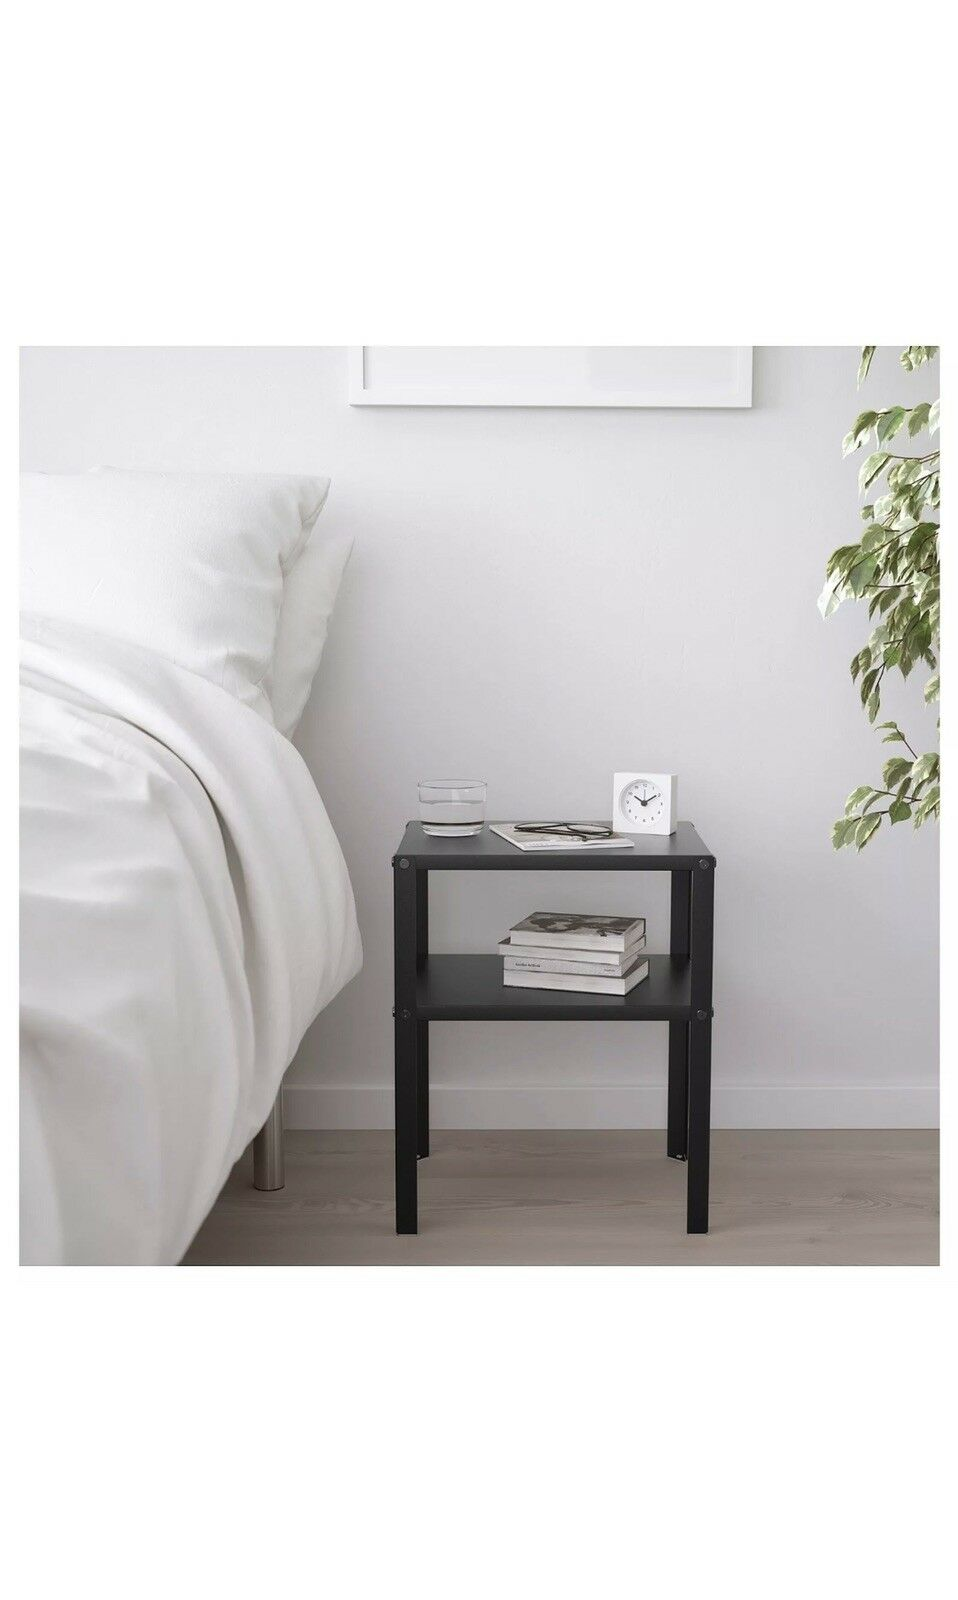 Picture of: Ikea Knarrevik 403 867 31 Metal Bedside Table Black For Sale Online Ebay